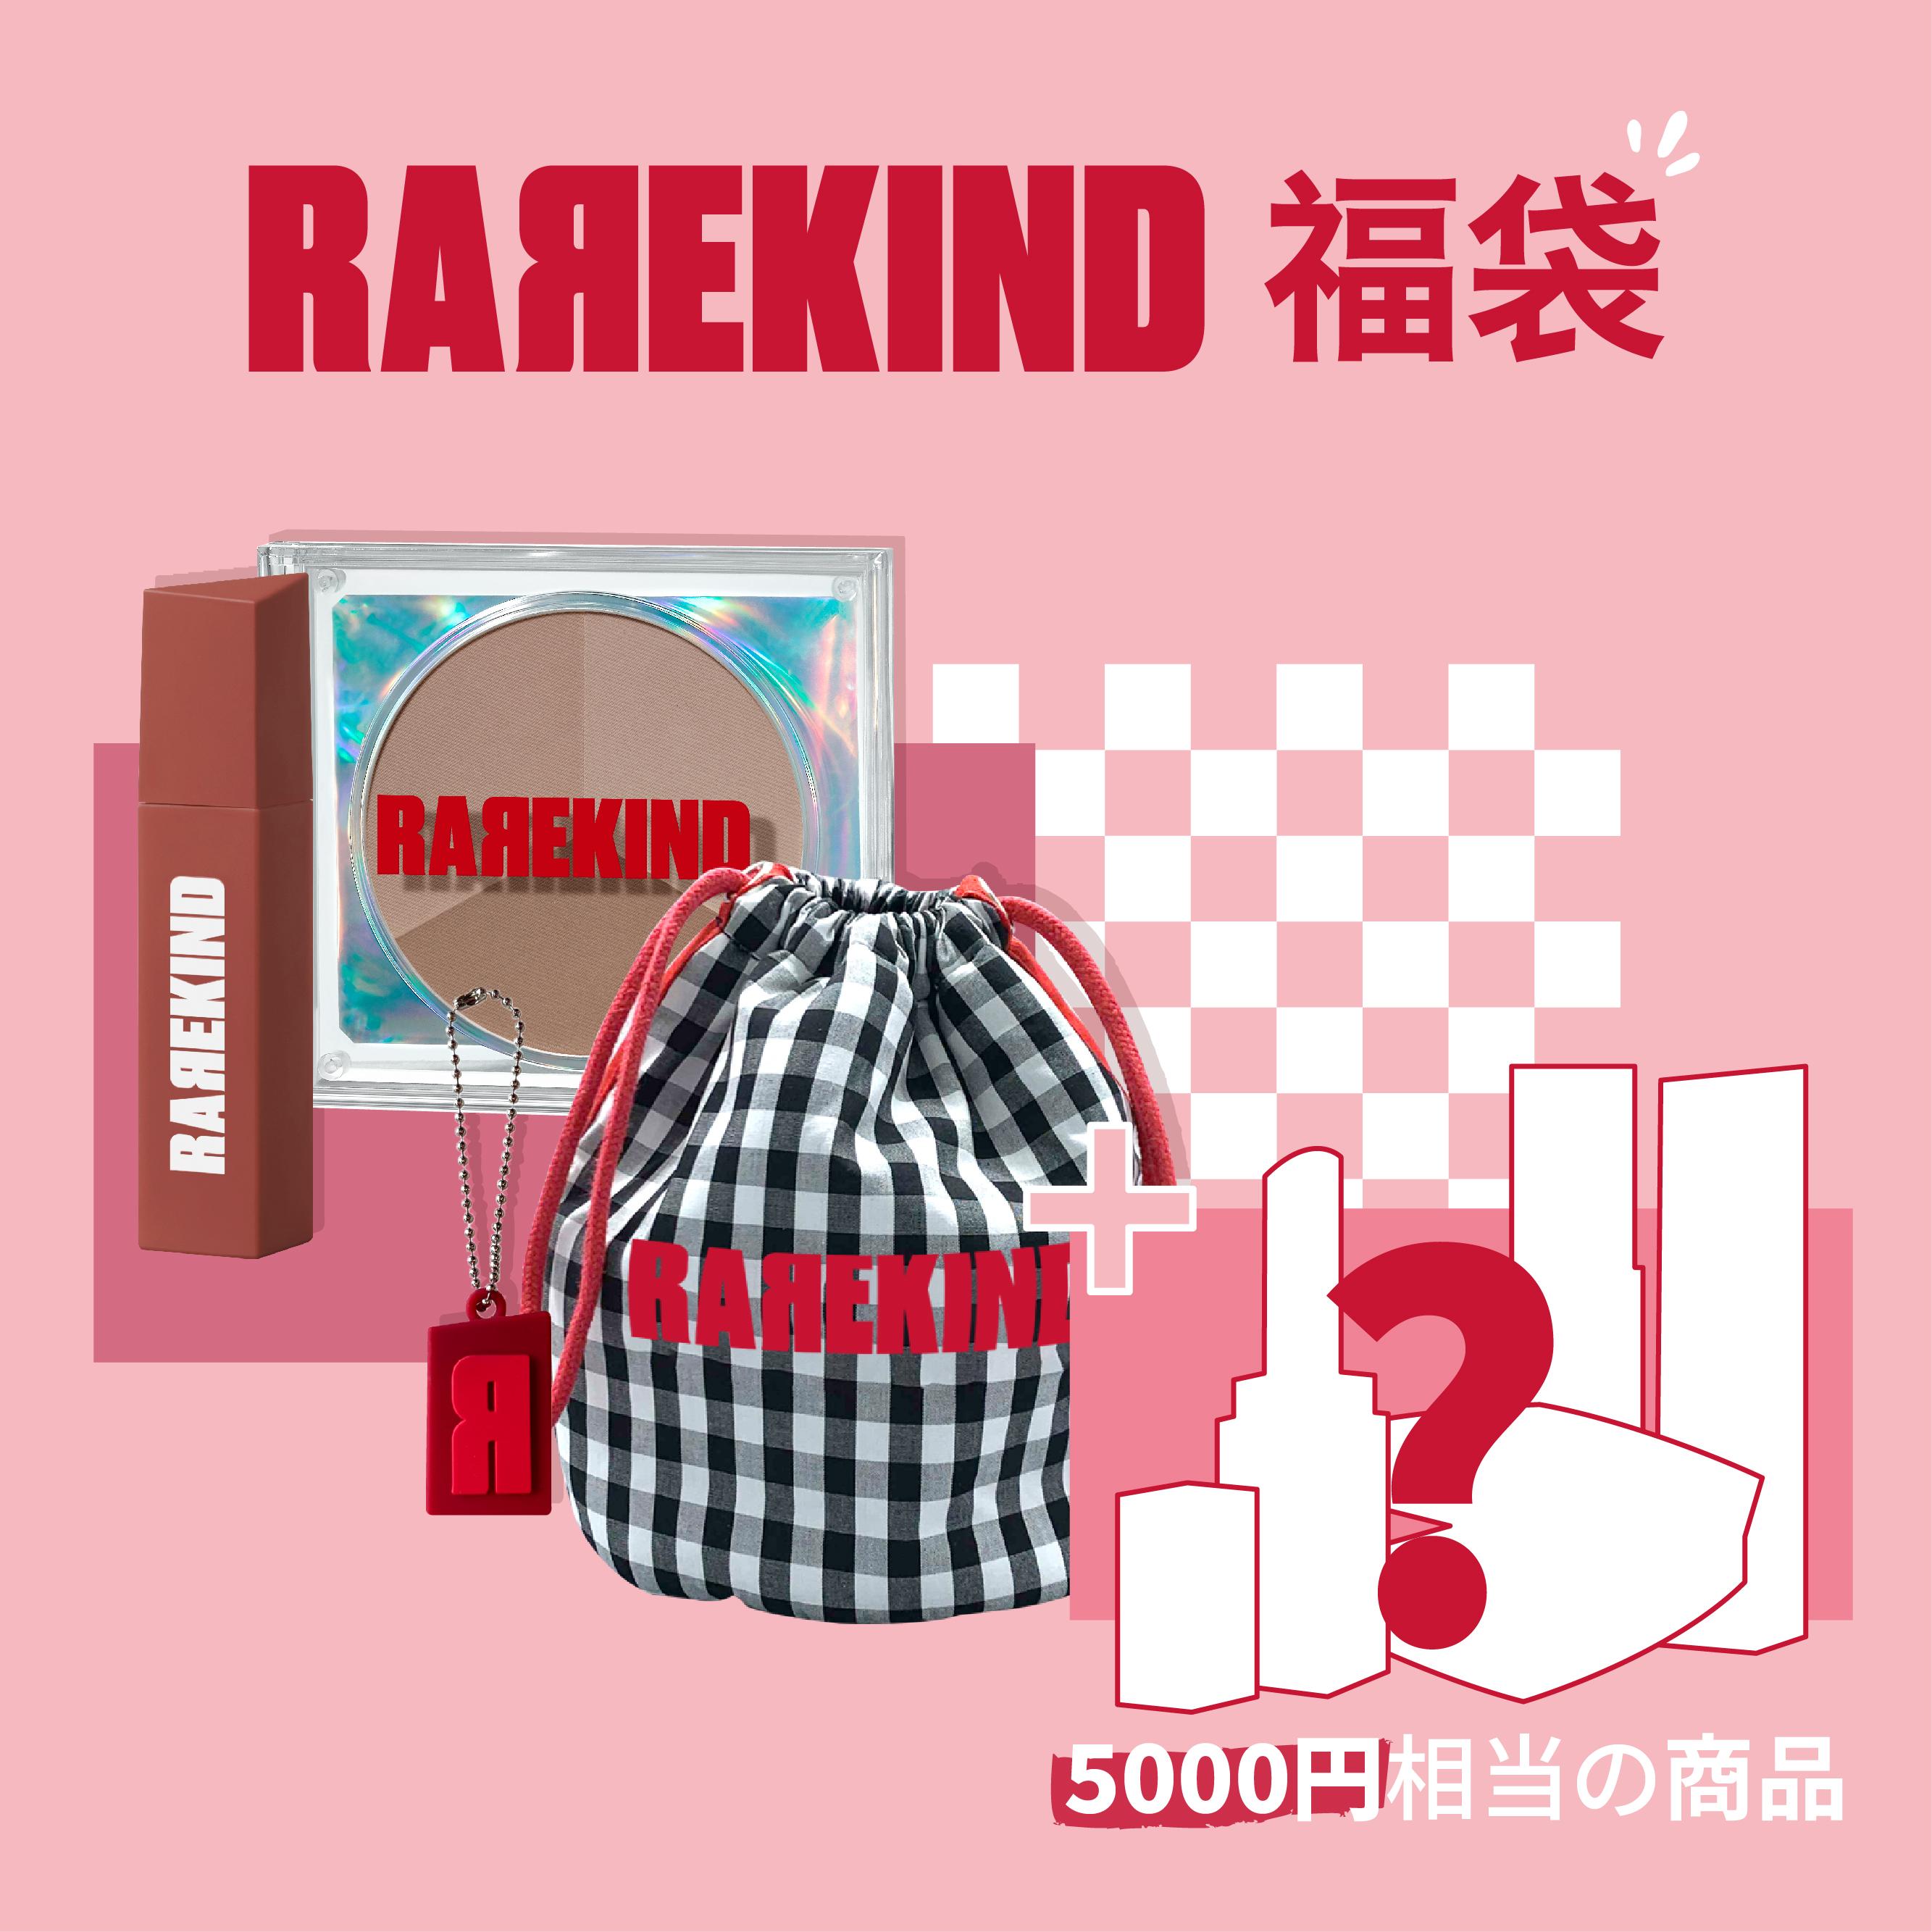 韓国コスメ 美容 スキンケア 大特価 化粧品 口紅 低廉 公式 可愛いオマケたくさん RAREKIND 期間数量限定RAREKIND福袋 レアカインド